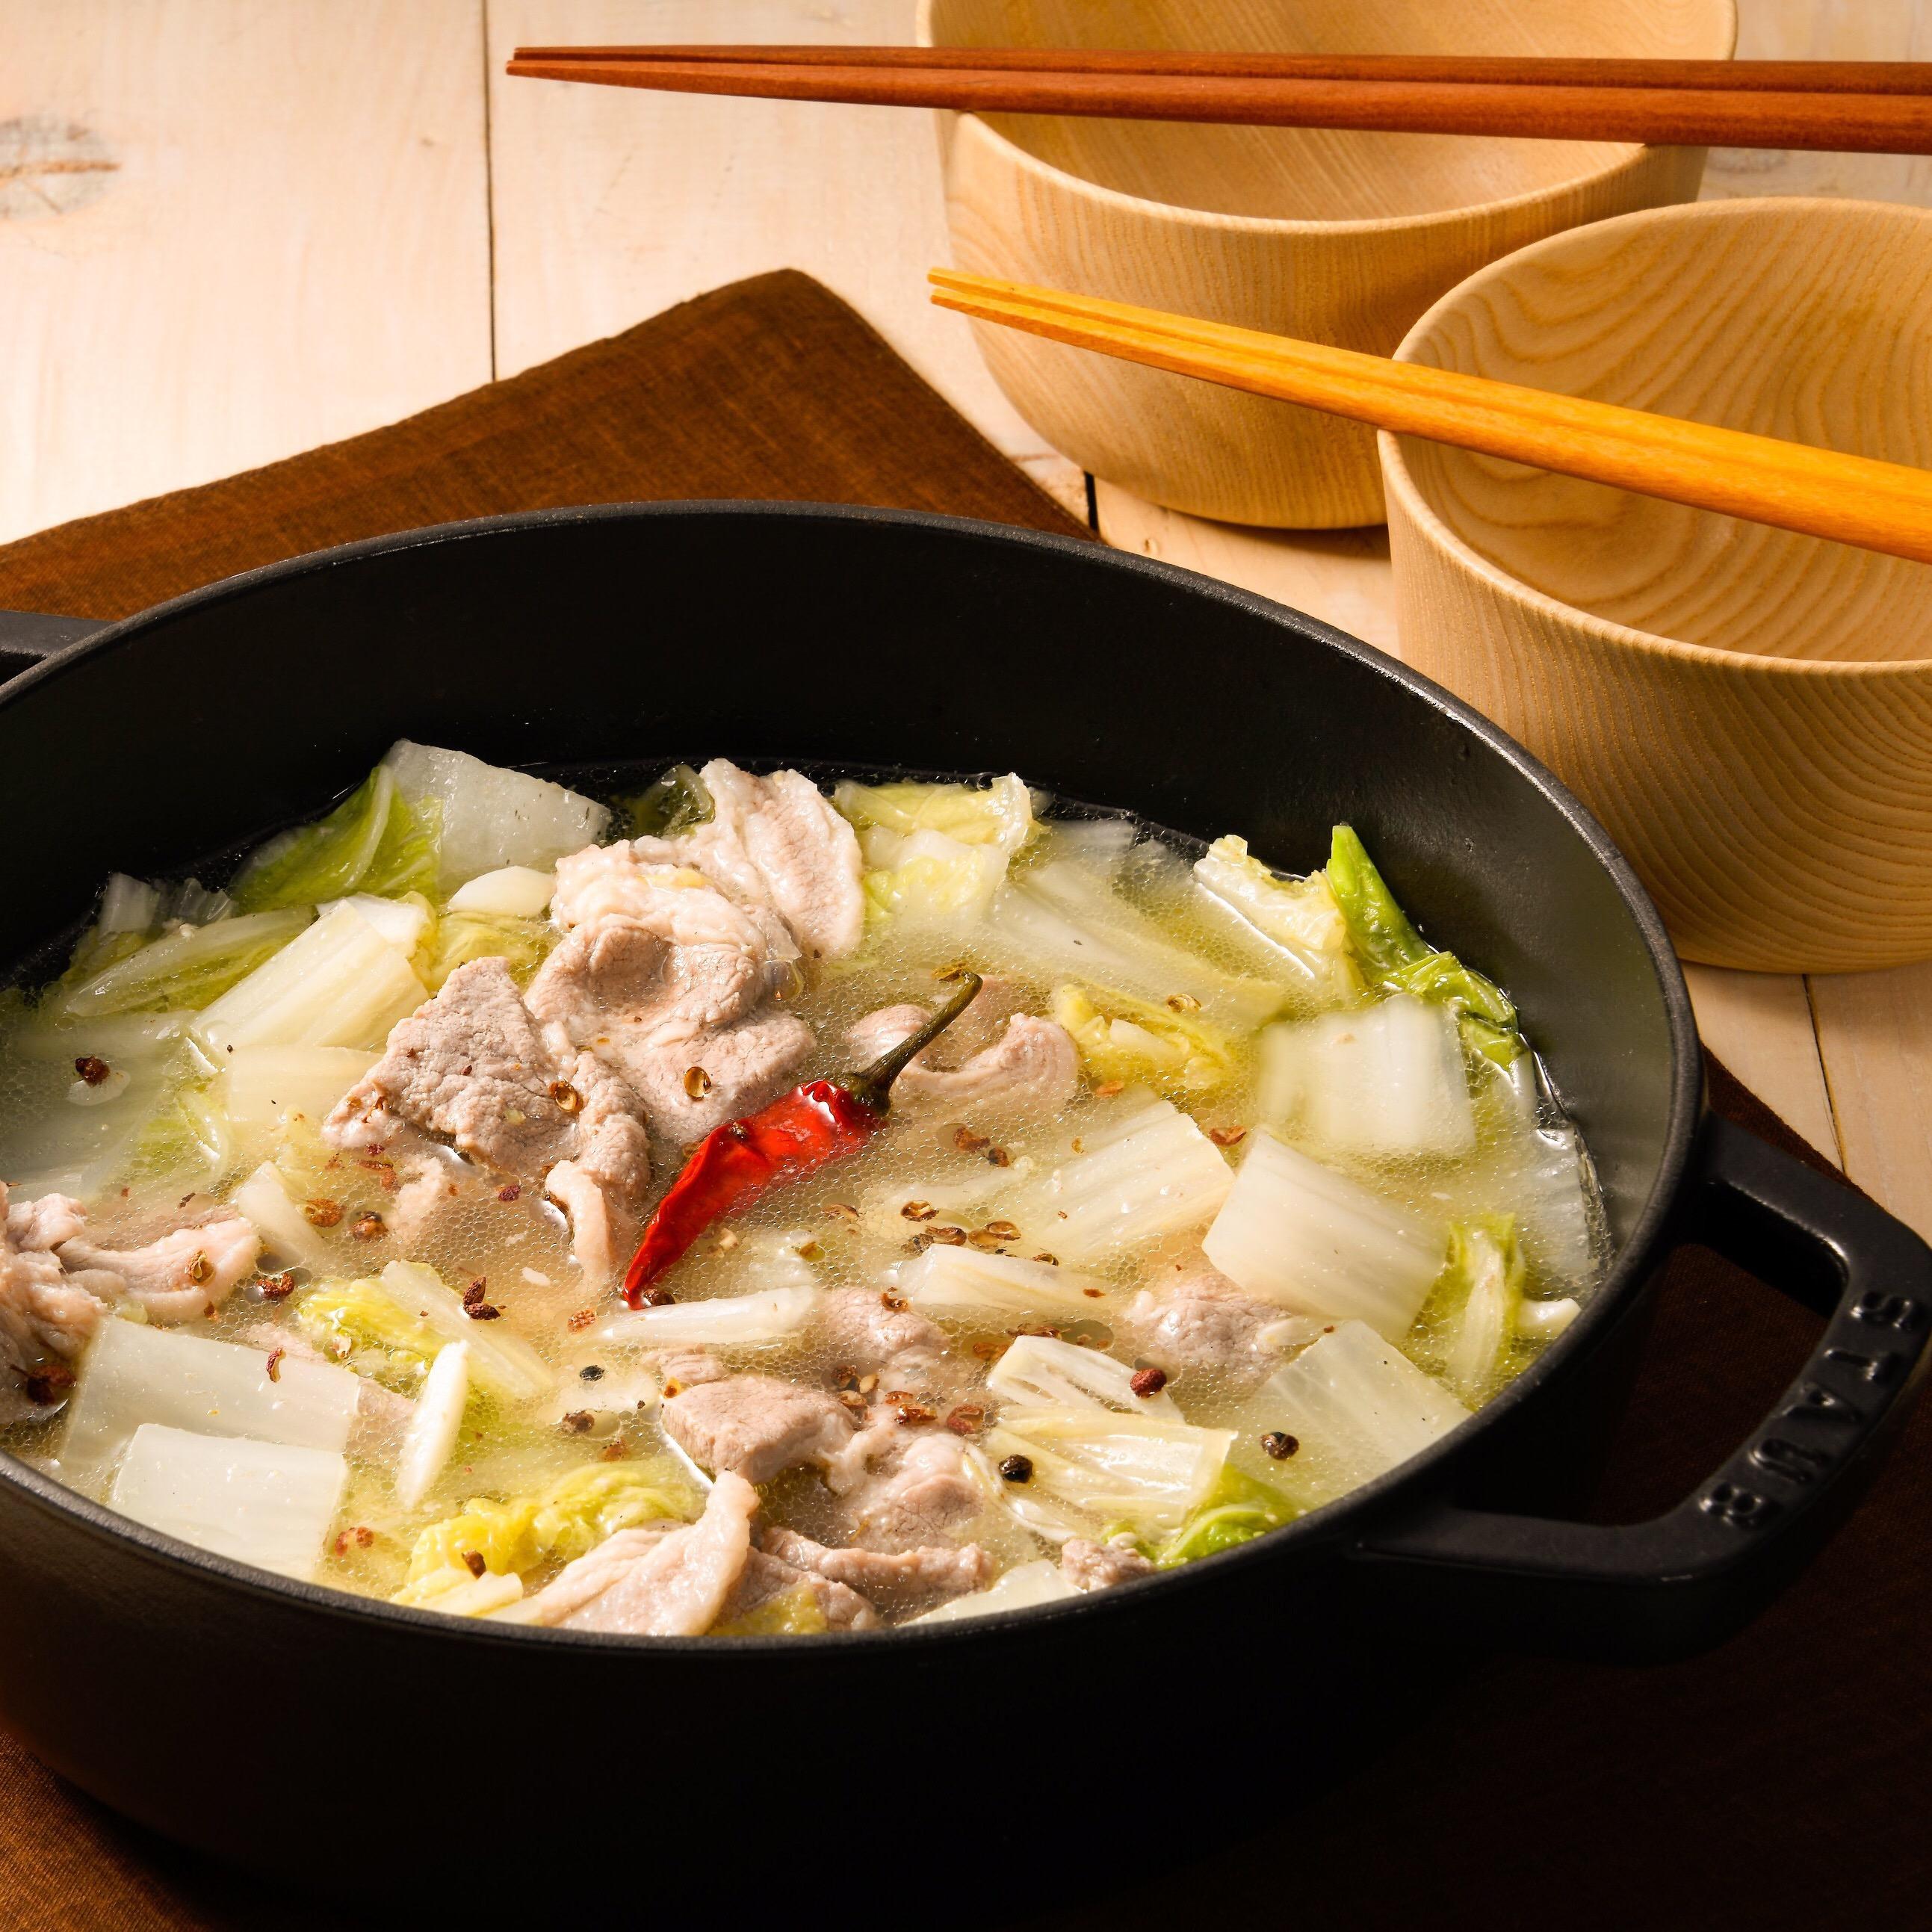 塩こうじ豚と白菜の花椒発酵鍋